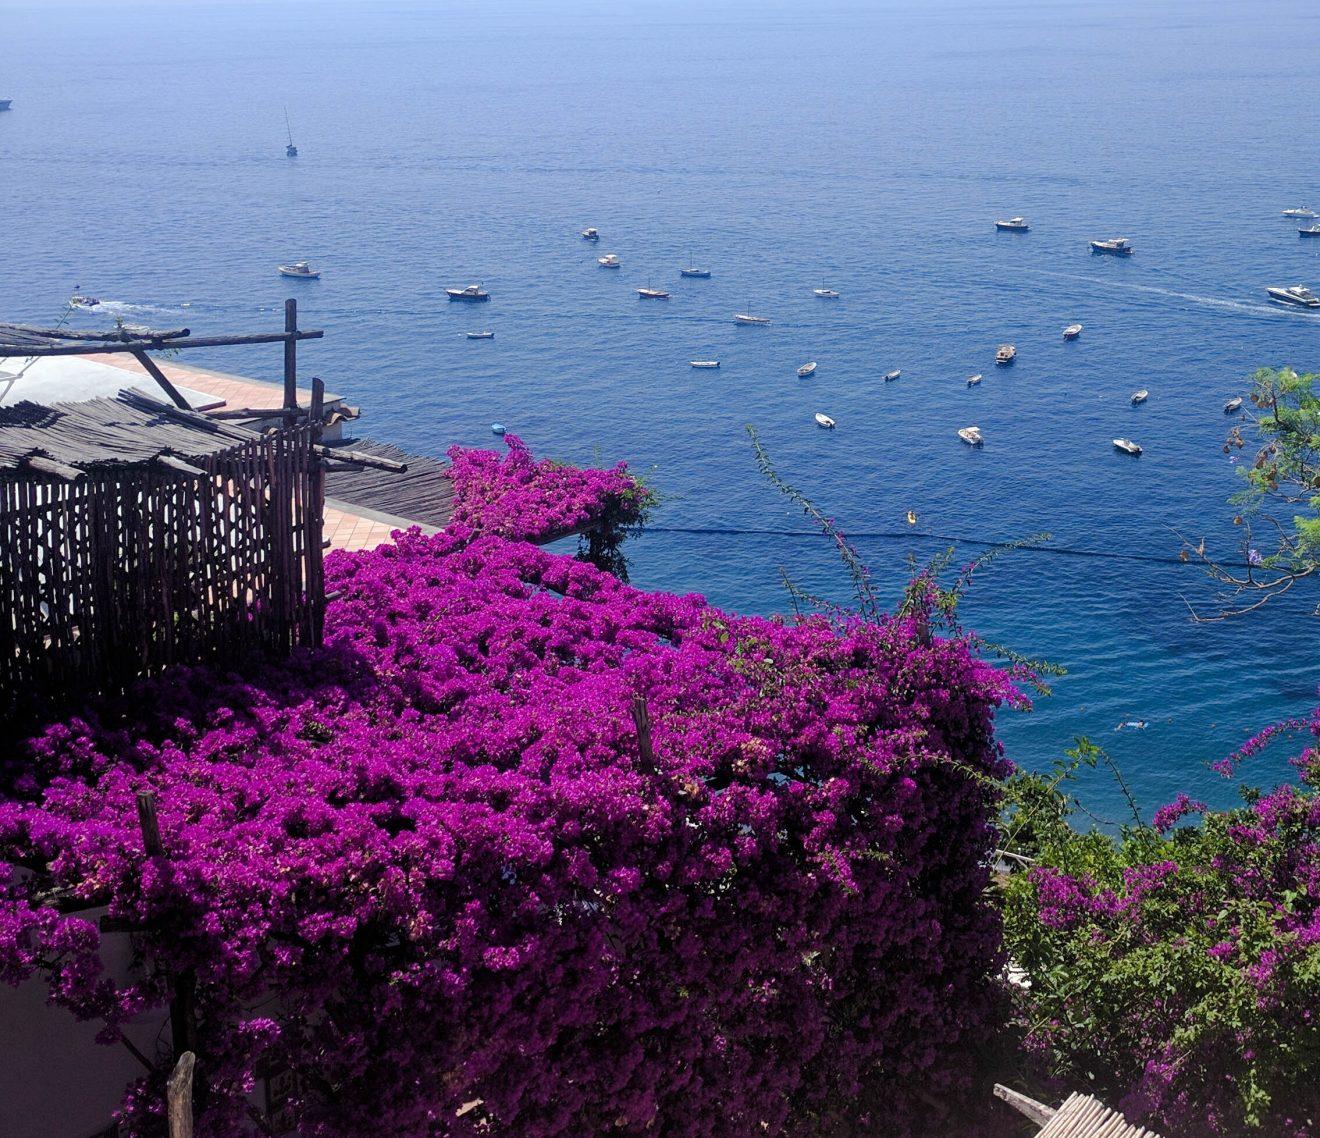 Villa, bateaux, et fleurs à Positano